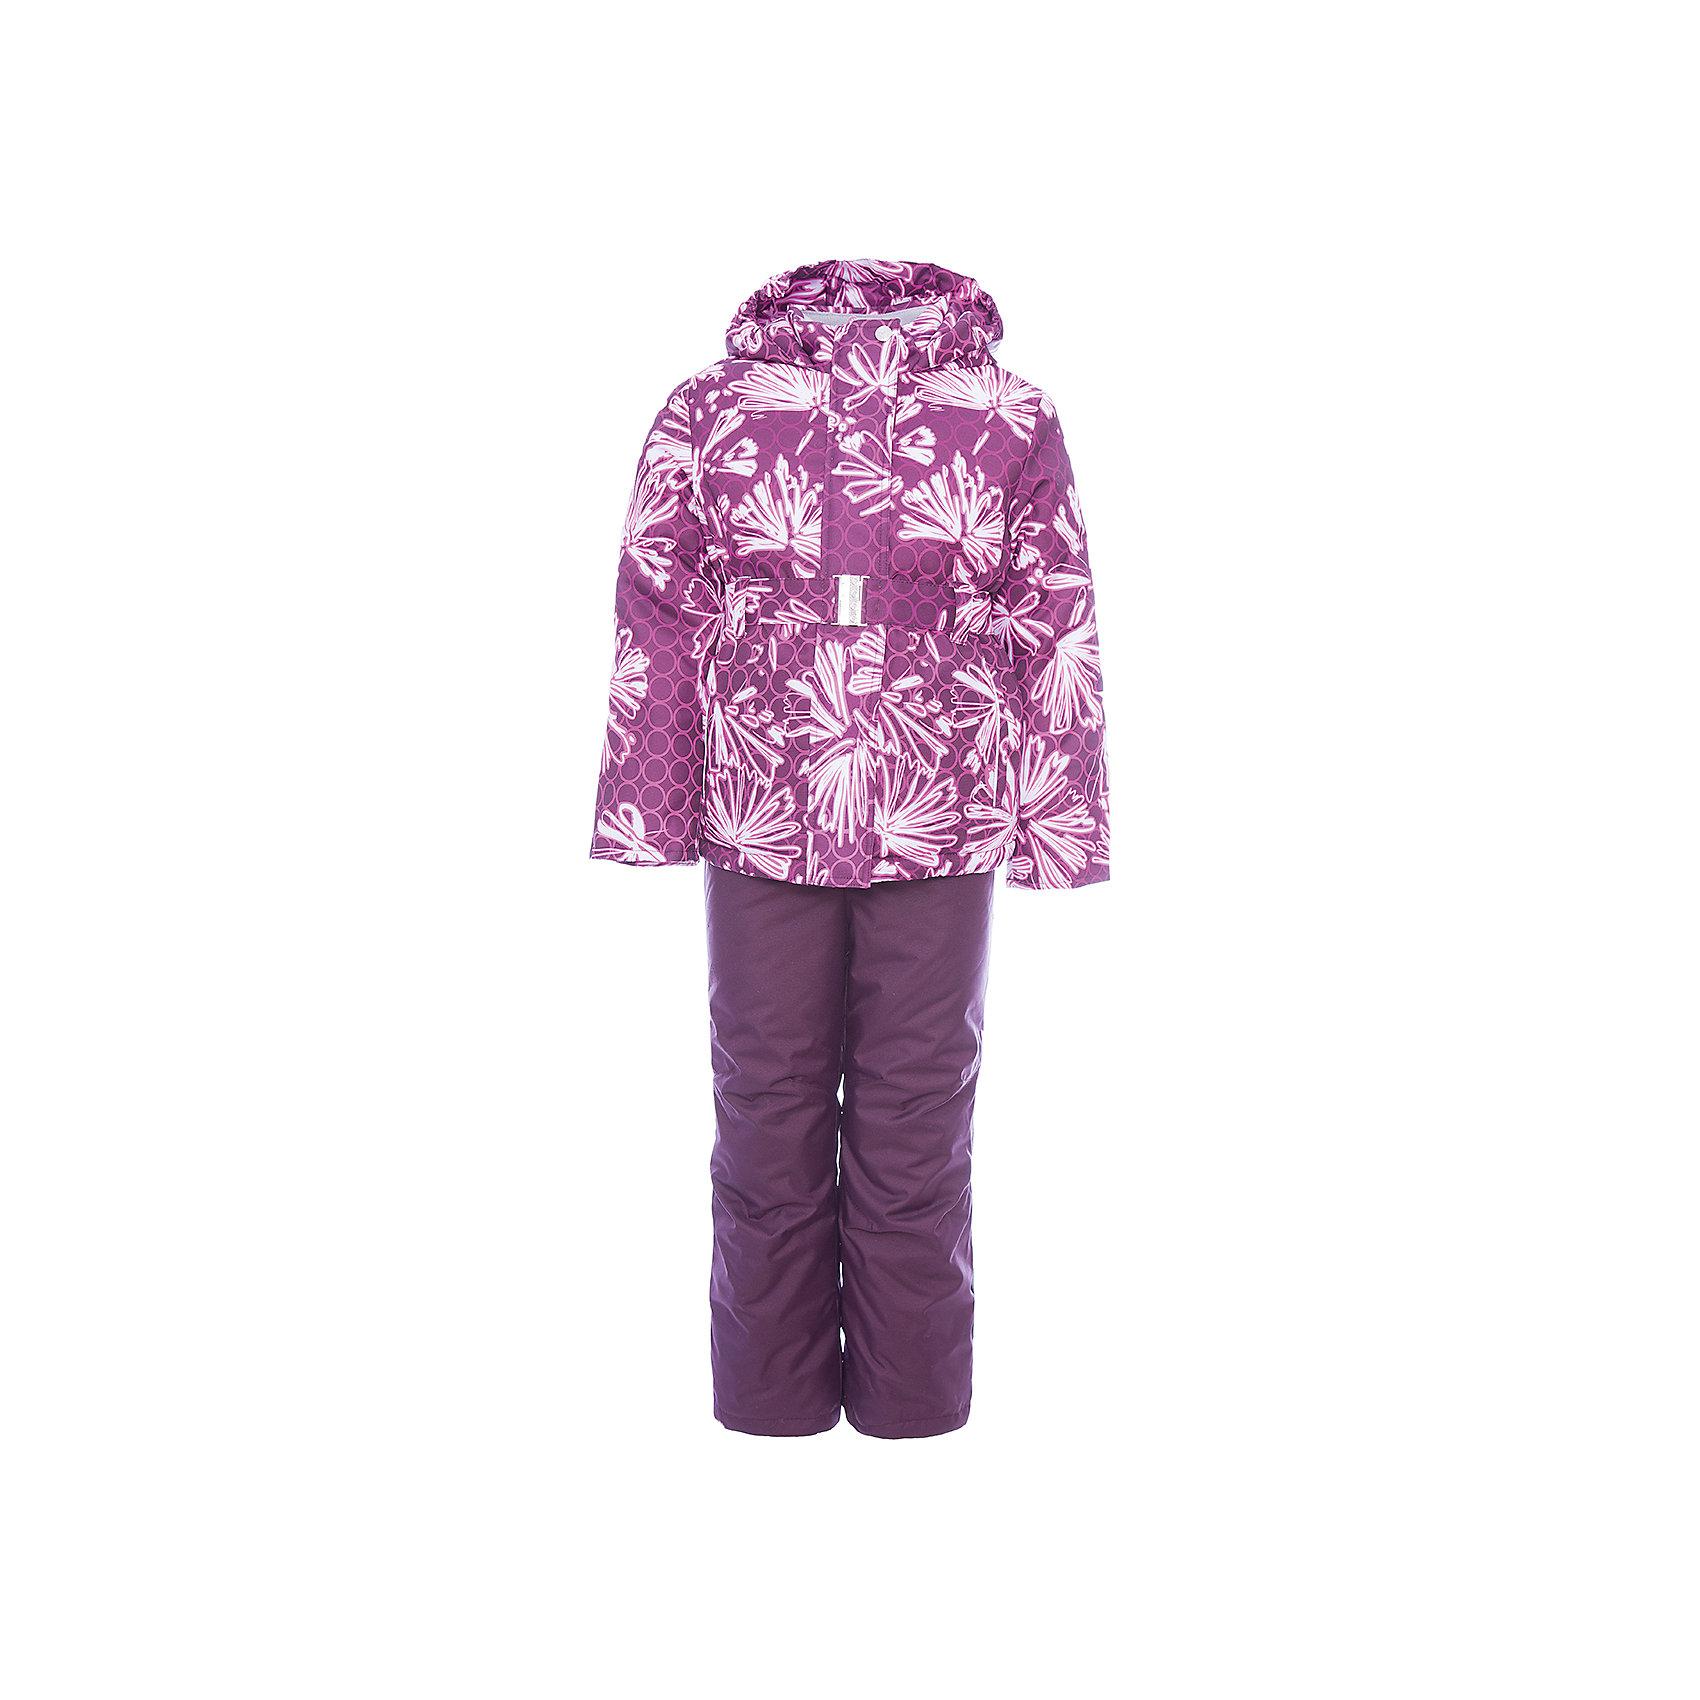 Комплект: куртка и полукомбинезон Альфа OLDOS для девочкиВерхняя одежда<br>Характеристики товара:<br><br>• цвет: синий<br>• комплектация: куртка и полукомбинезон<br>• состав ткани: полиэстер<br>• подкладка: флис<br>• утеплитель: Hollofan <br>• сезон: зима<br>• мембранное покрытие<br>• температурный режим: от -30 до 0<br>• водонепроницаемость: 3000 мм <br>• паропроницаемость: 3000 г/м2<br>• плотность утеплителя: куртка - 300 г/м2, полукомбинезон - 150 г/м2<br>• застежка: молния<br>• капюшон: без меха, несъемный<br>• страна бренда: Россия<br>• страна изготовитель: Россия<br><br>Легкий утеплитель комплекта хорошо сохраняет тепло и быстро сохнет. Детский зимний комплект создан с применением мембранной технологии. Подкладка детского зимнего комплекта - флис, в рукавах и брючинах – гладкий полиэстер. Детский комплект для девочки дополнен элементами, помогающими скорректировать размер точно под ребенка. <br><br>Комплект: куртка и полукомбинезон Альфа Oldos (Олдос) для девочки можно купить в нашем интернет-магазине.<br><br>Ширина мм: 356<br>Глубина мм: 10<br>Высота мм: 245<br>Вес г: 519<br>Цвет: лиловый<br>Возраст от месяцев: 96<br>Возраст до месяцев: 108<br>Пол: Женский<br>Возраст: Детский<br>Размер: 134,92,98,104,110,116,122,128<br>SKU: 7016349